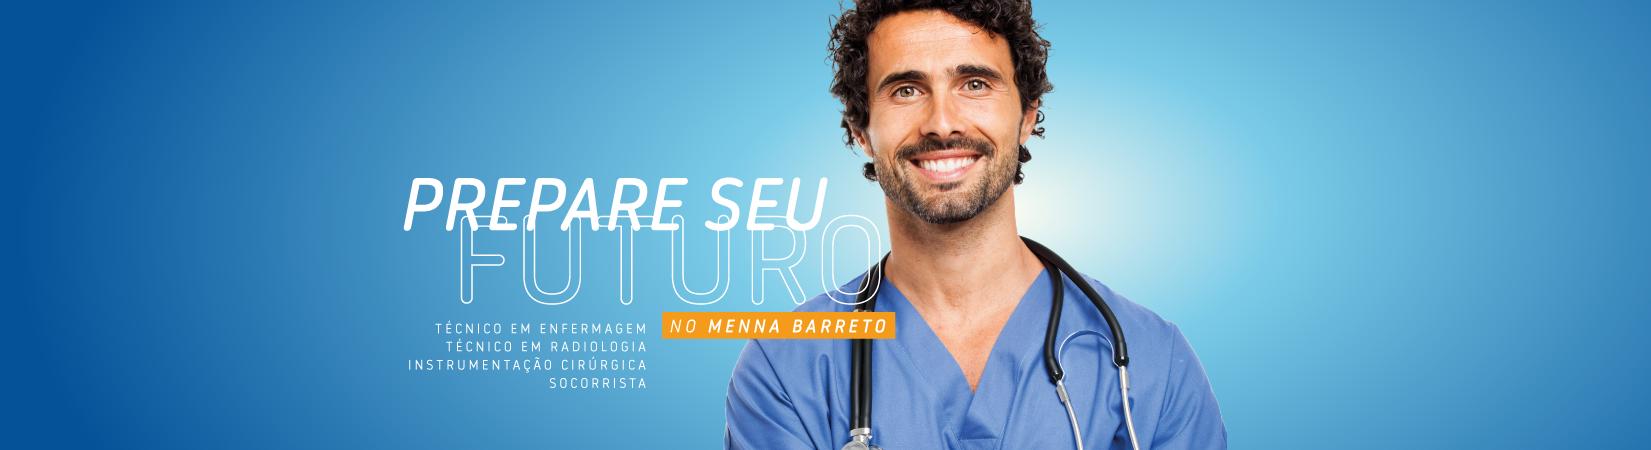 Menna-Barreto-Cursos